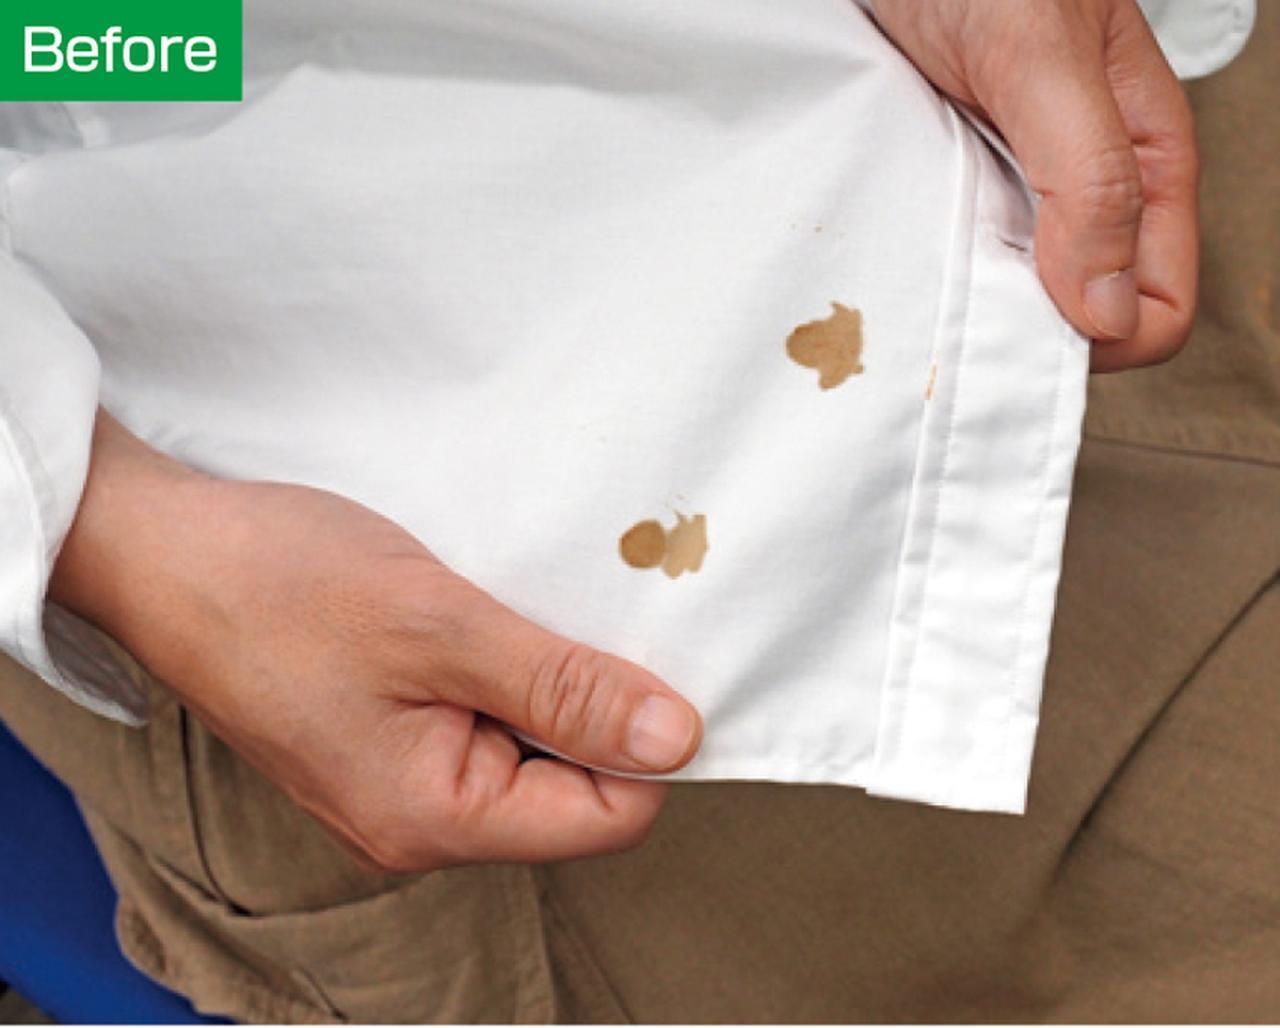 画像: シャツについたしょうゆ。おしぼりで叩いてもなかなか取れない……。